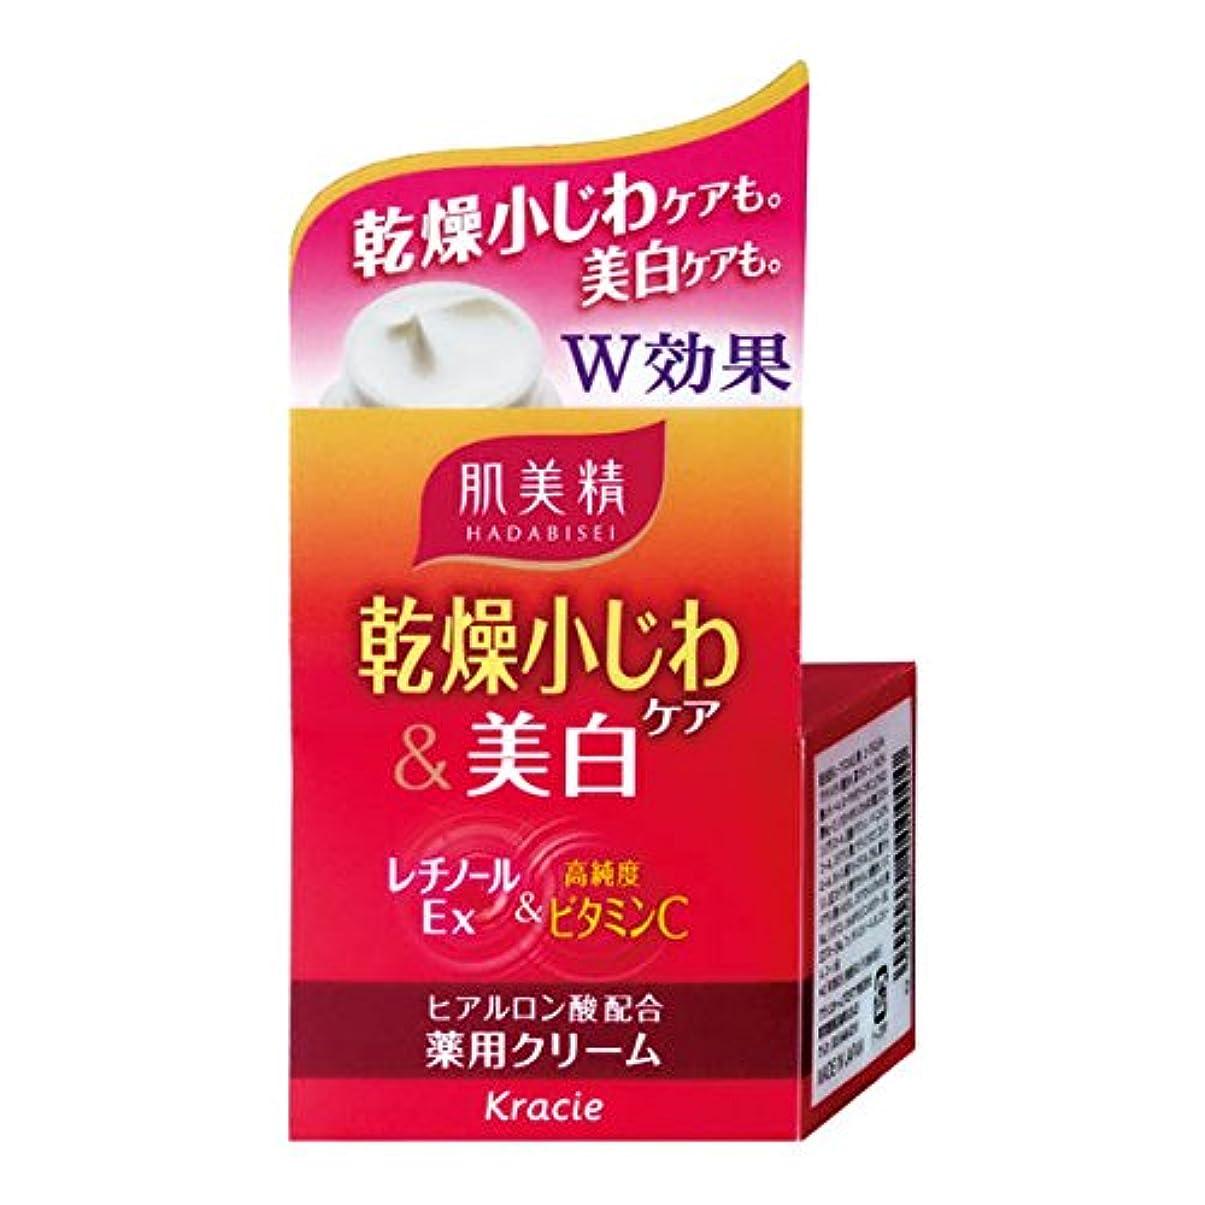 肌美精 乾燥小じわケア&美白 薬用クリーム 50g 【医薬部外品】